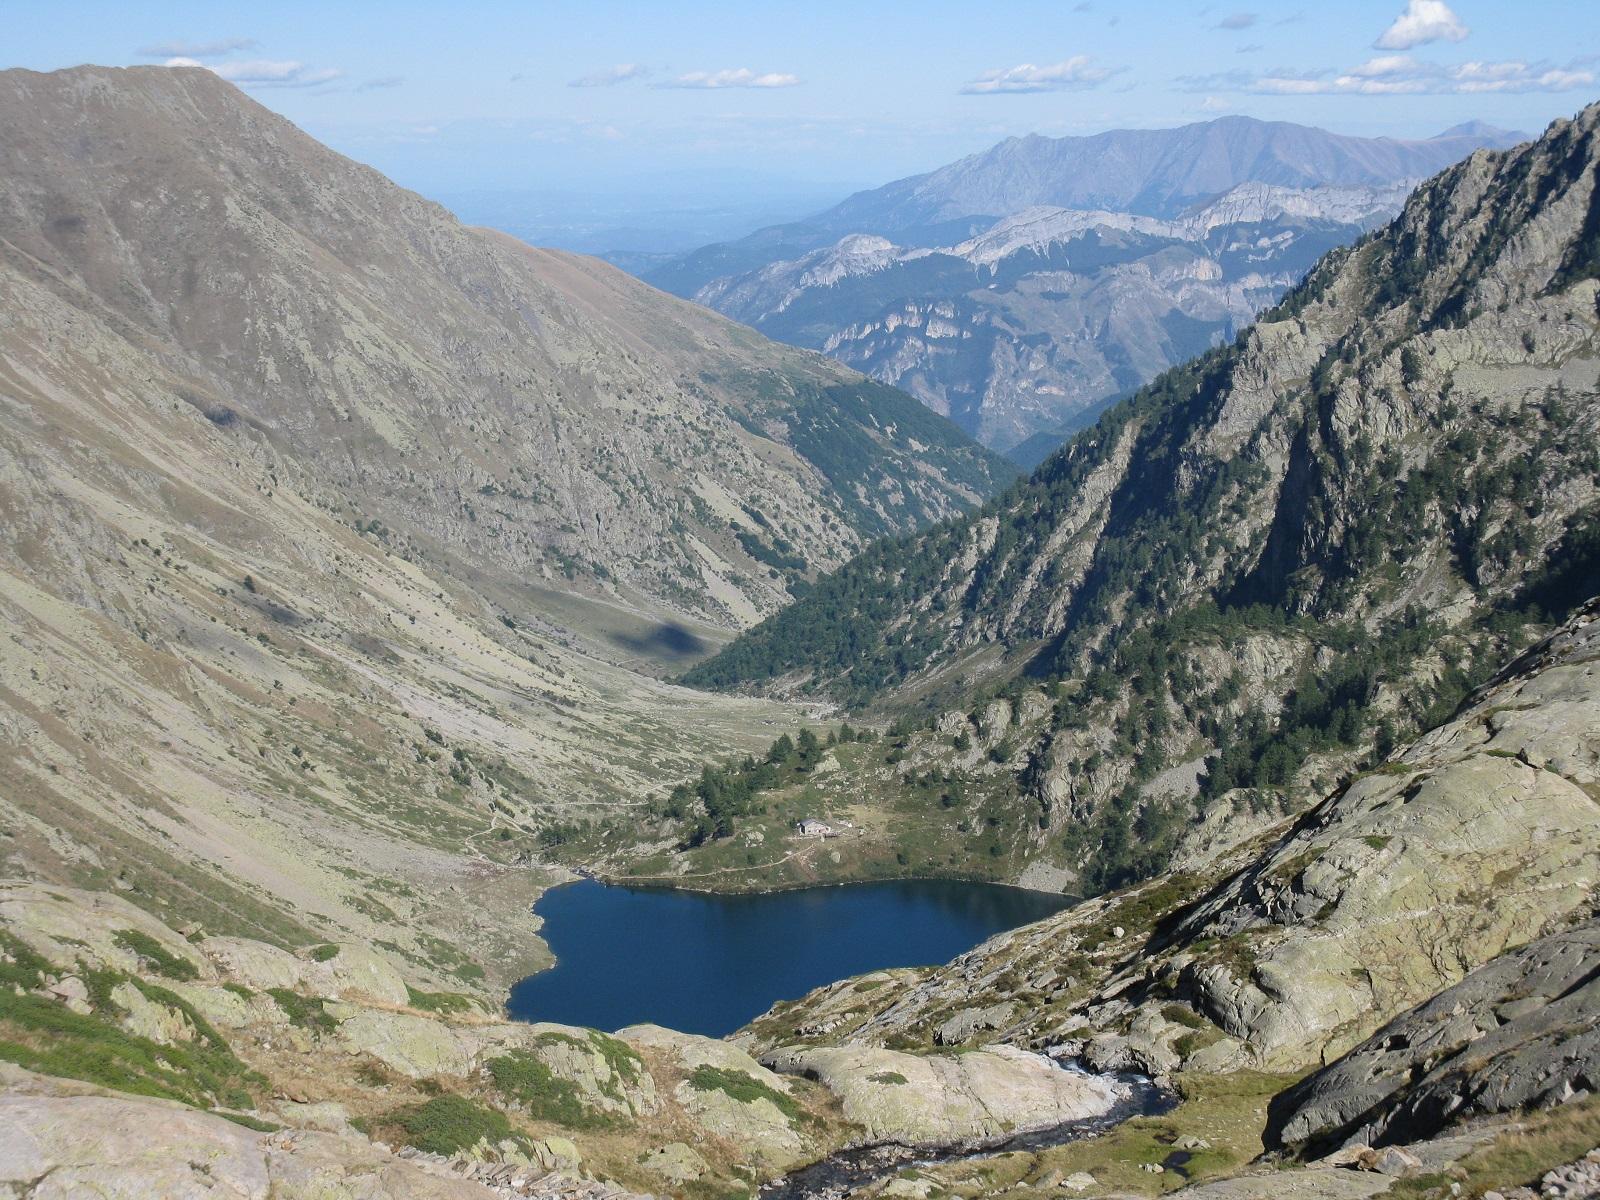 Lago sottano della Sella con il rifugio Livio Bianco sullo sfondo